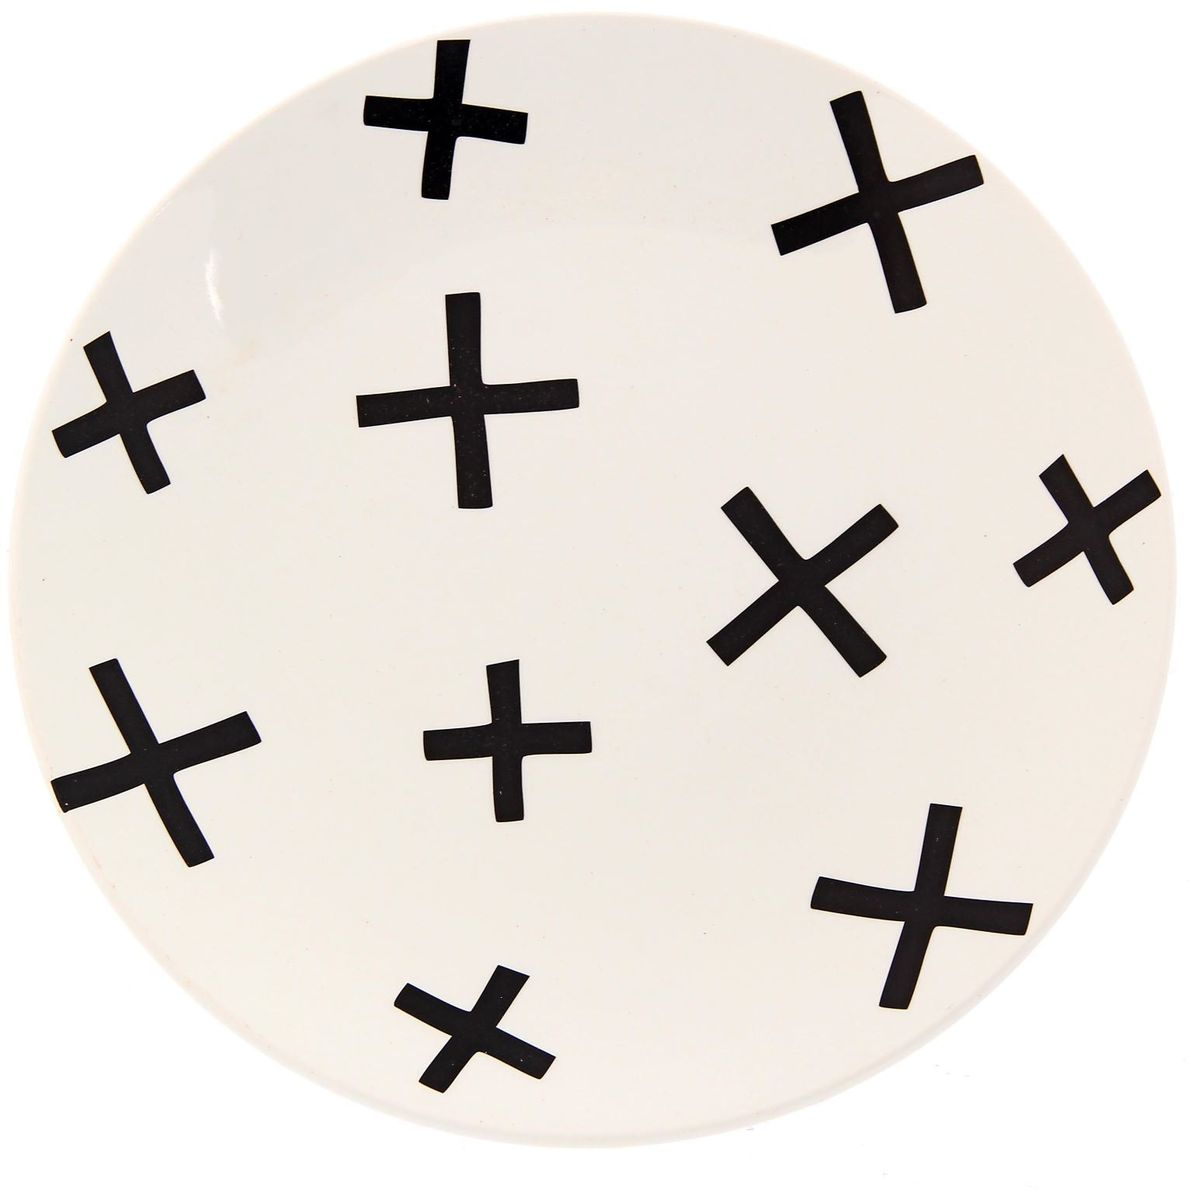 Тарелка Сотвори чудо My Little Cross, диаметр 22 см115510Хотите обновить интерьер кухни или гостиной? Устраиваете необычную фотосессию или тематический праздник? А может, просто ищете подарок для близкого человека? Посуда Сотвори Чудо — правильный выбор в любой ситуации. Тарелка Сотвори Чудо, изготовленная из изящного фаянса нежного сливочного цвета, оформлена оригинальным рисунком со стойкой краской. Пригодна для посудомоечной машины.